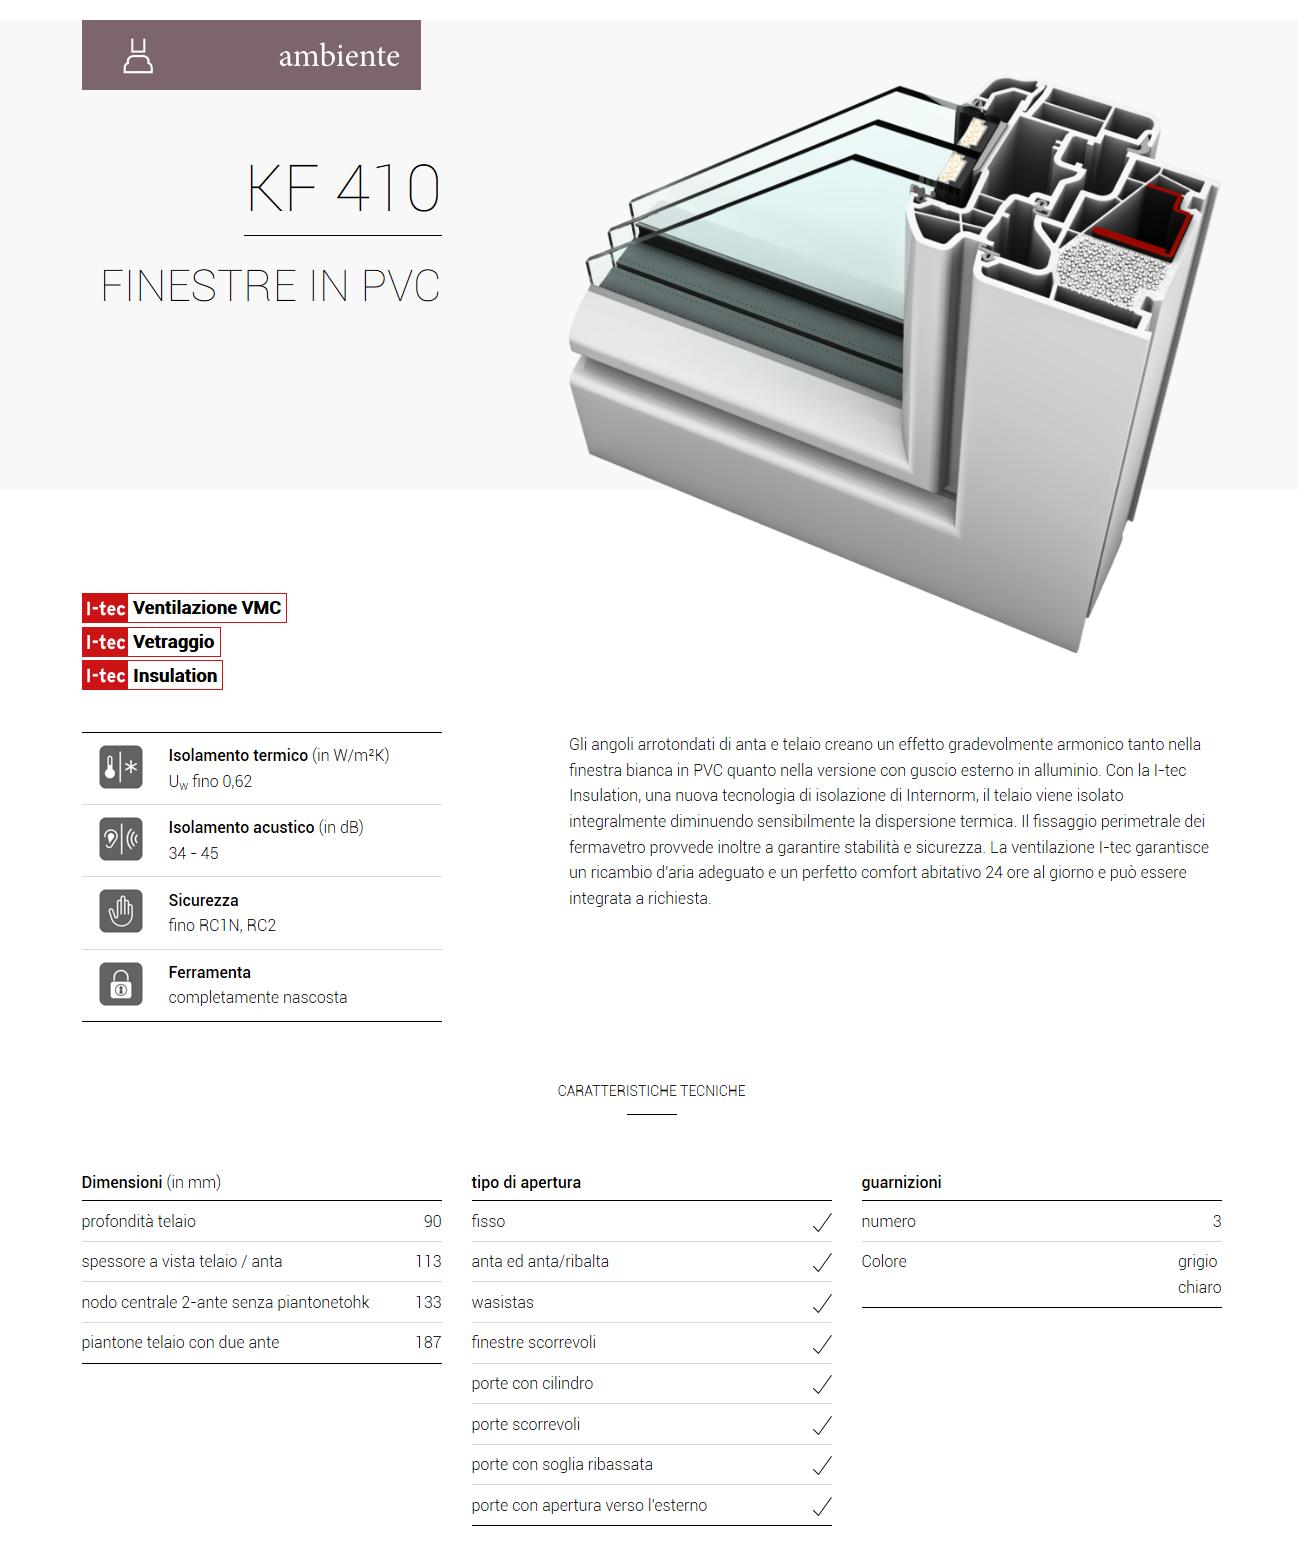 kf 410 ambiente